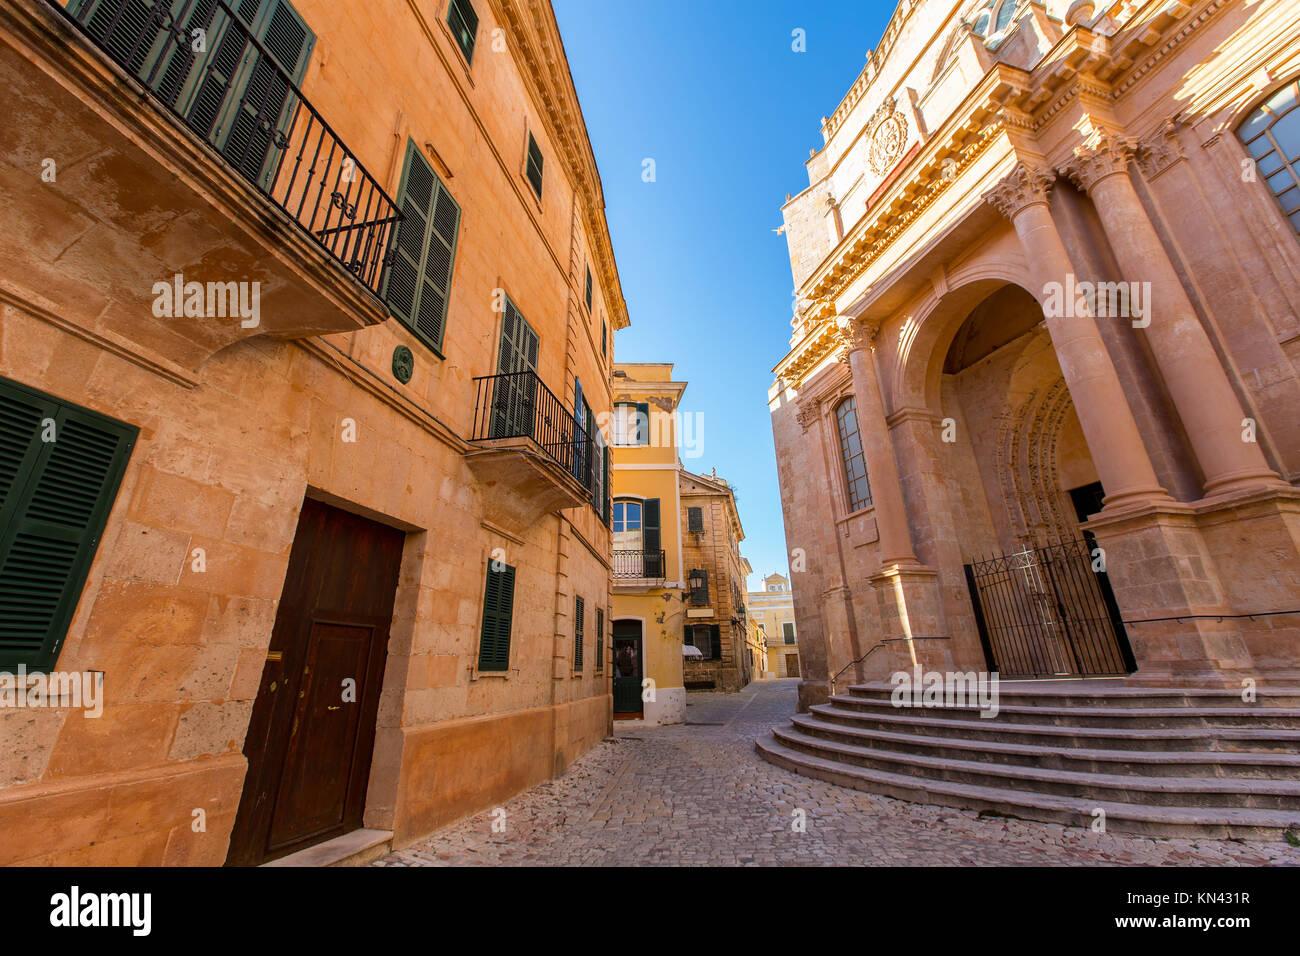 Ciutadella de Menorca Ciudadela Catedral en el centro de las islas Baleares. Imagen De Stock